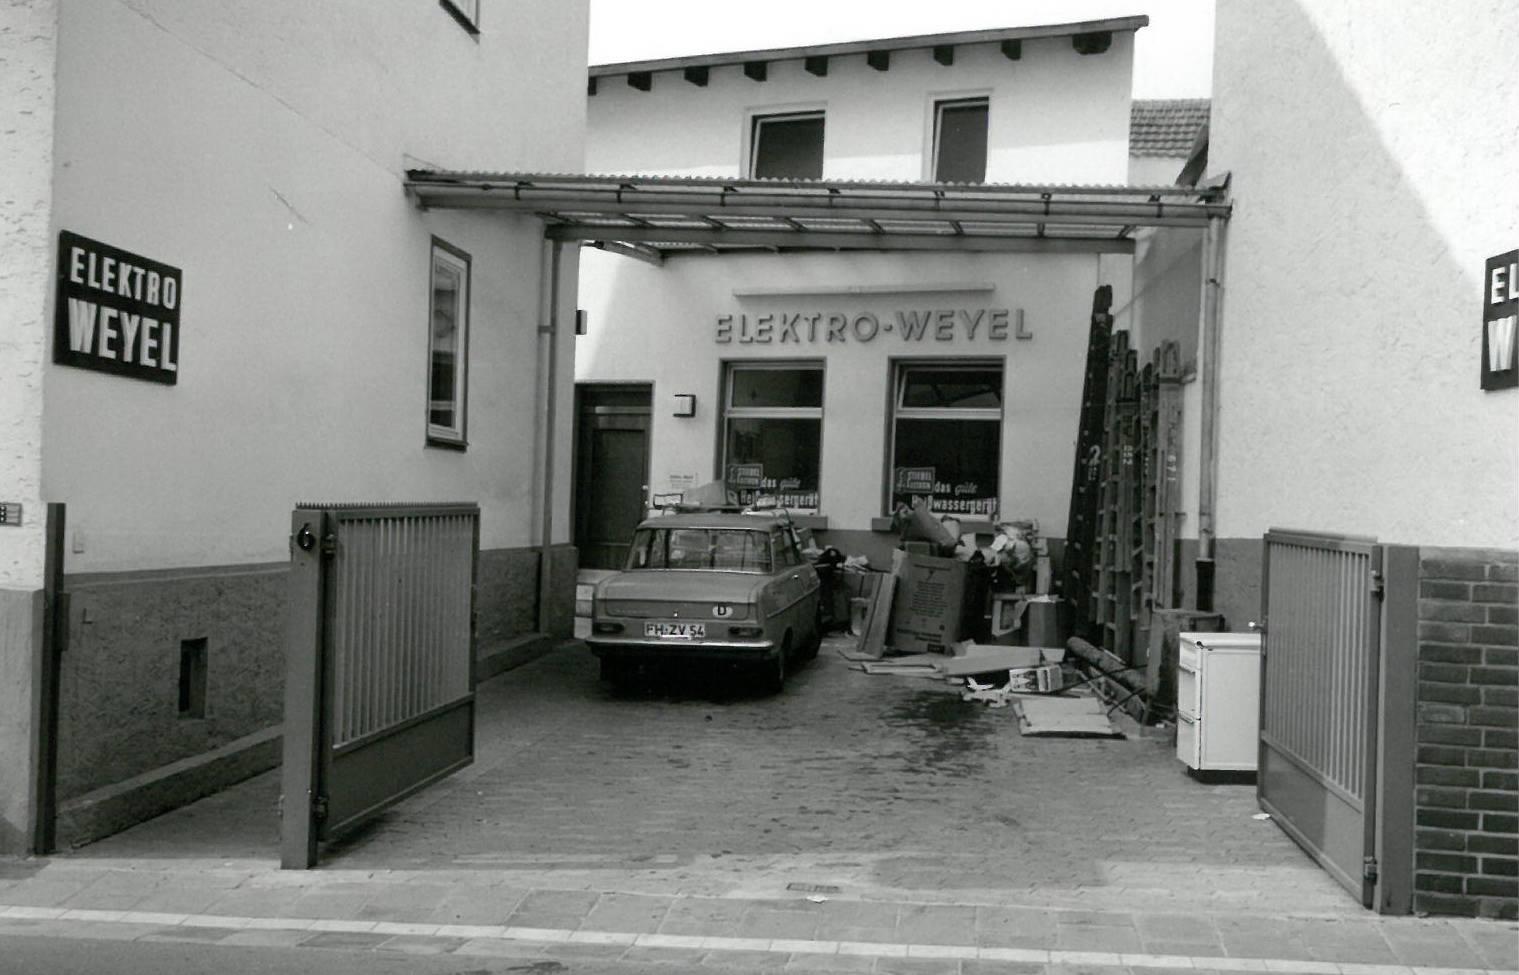 Elektro Weyel